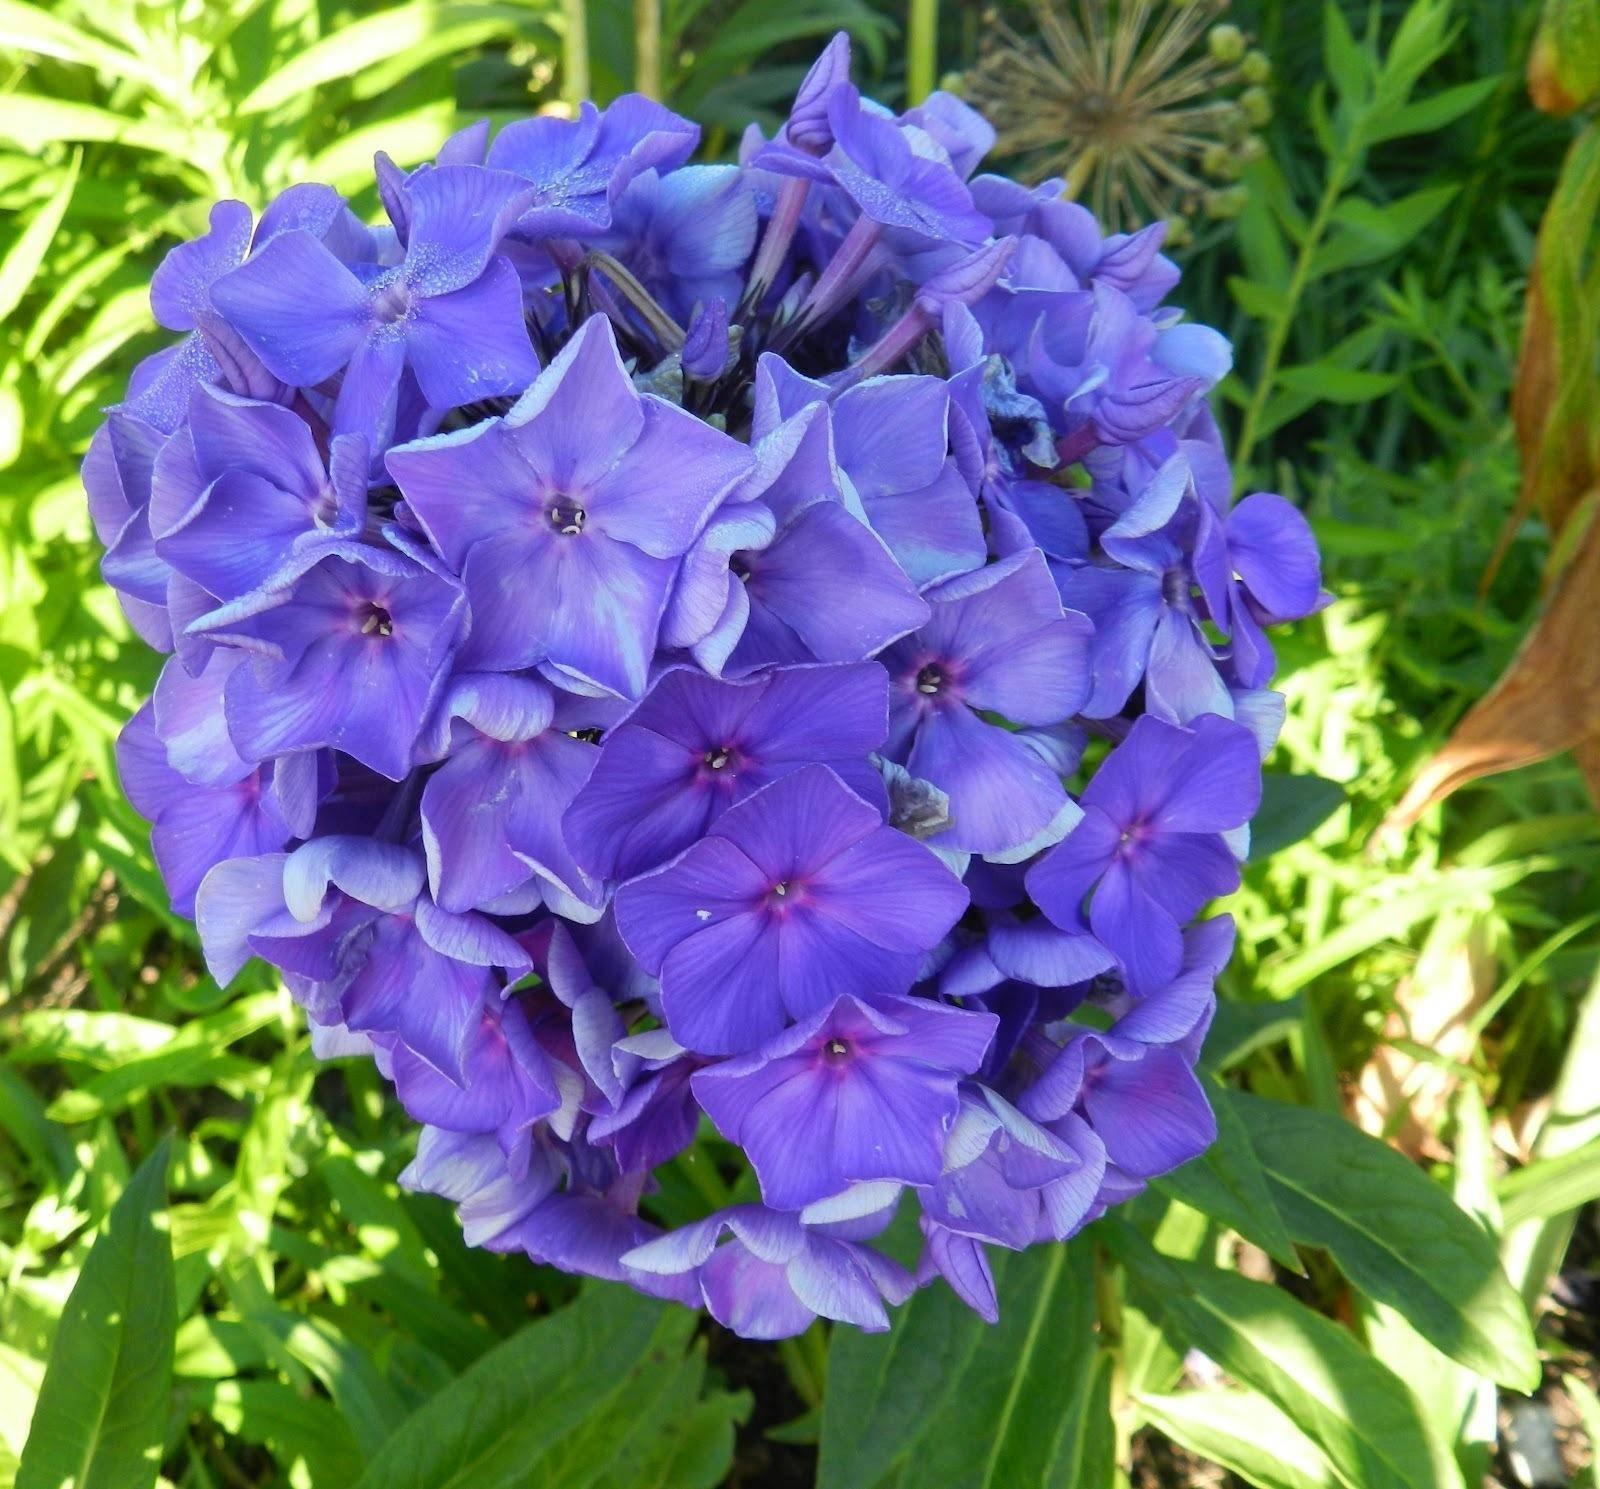 Синие и голубые флоксы (42 фото): «блю бой» и «мэджик блю», «голубая отрада» и «неон флер блю», «юник олд блю» и другие сорта